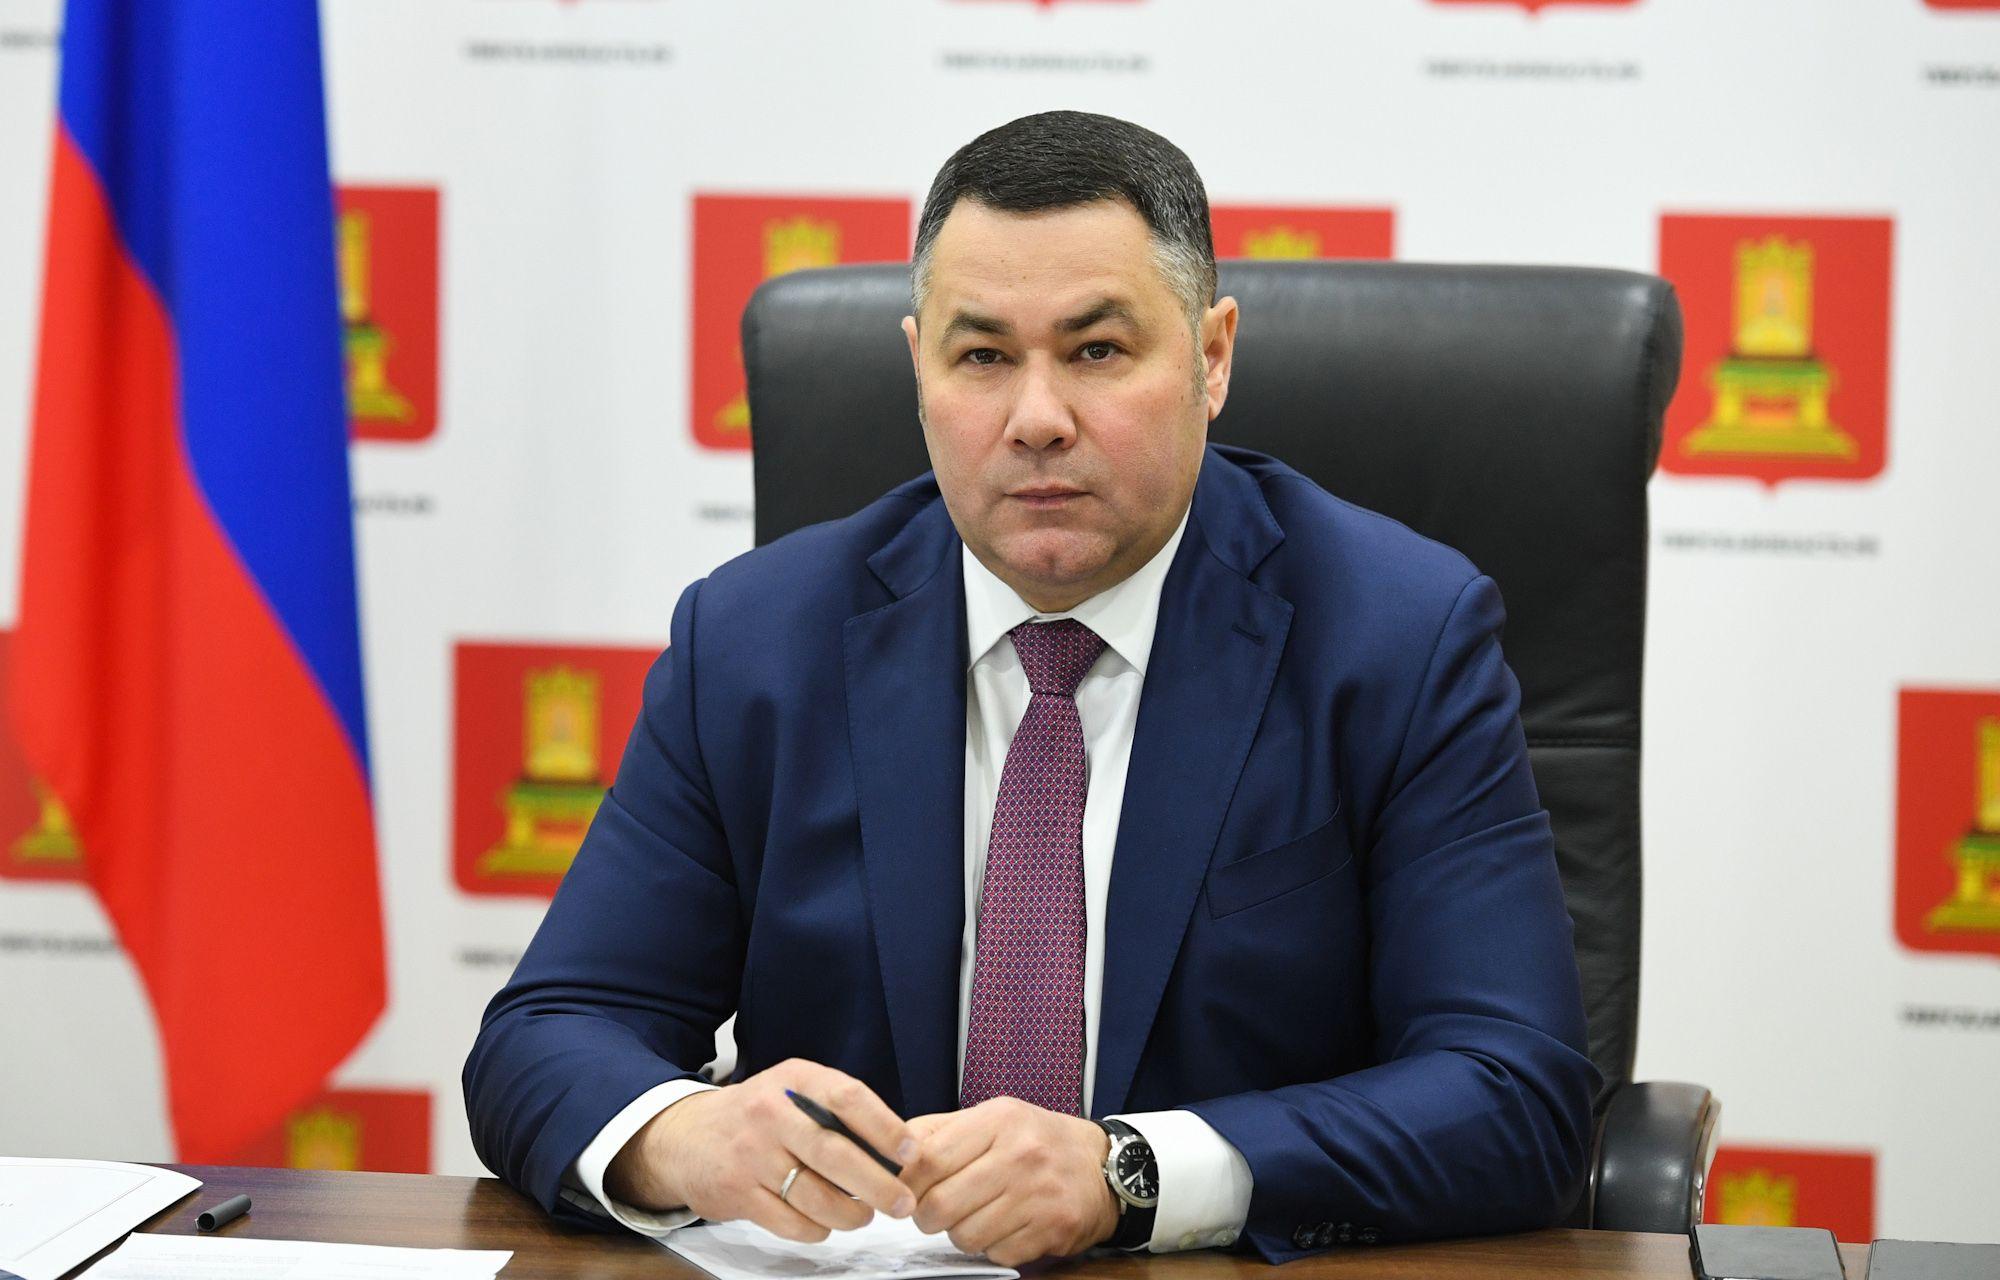 Игорь Руденя расскажет в прямом эфире об организации парада Победы и летней занятости детей